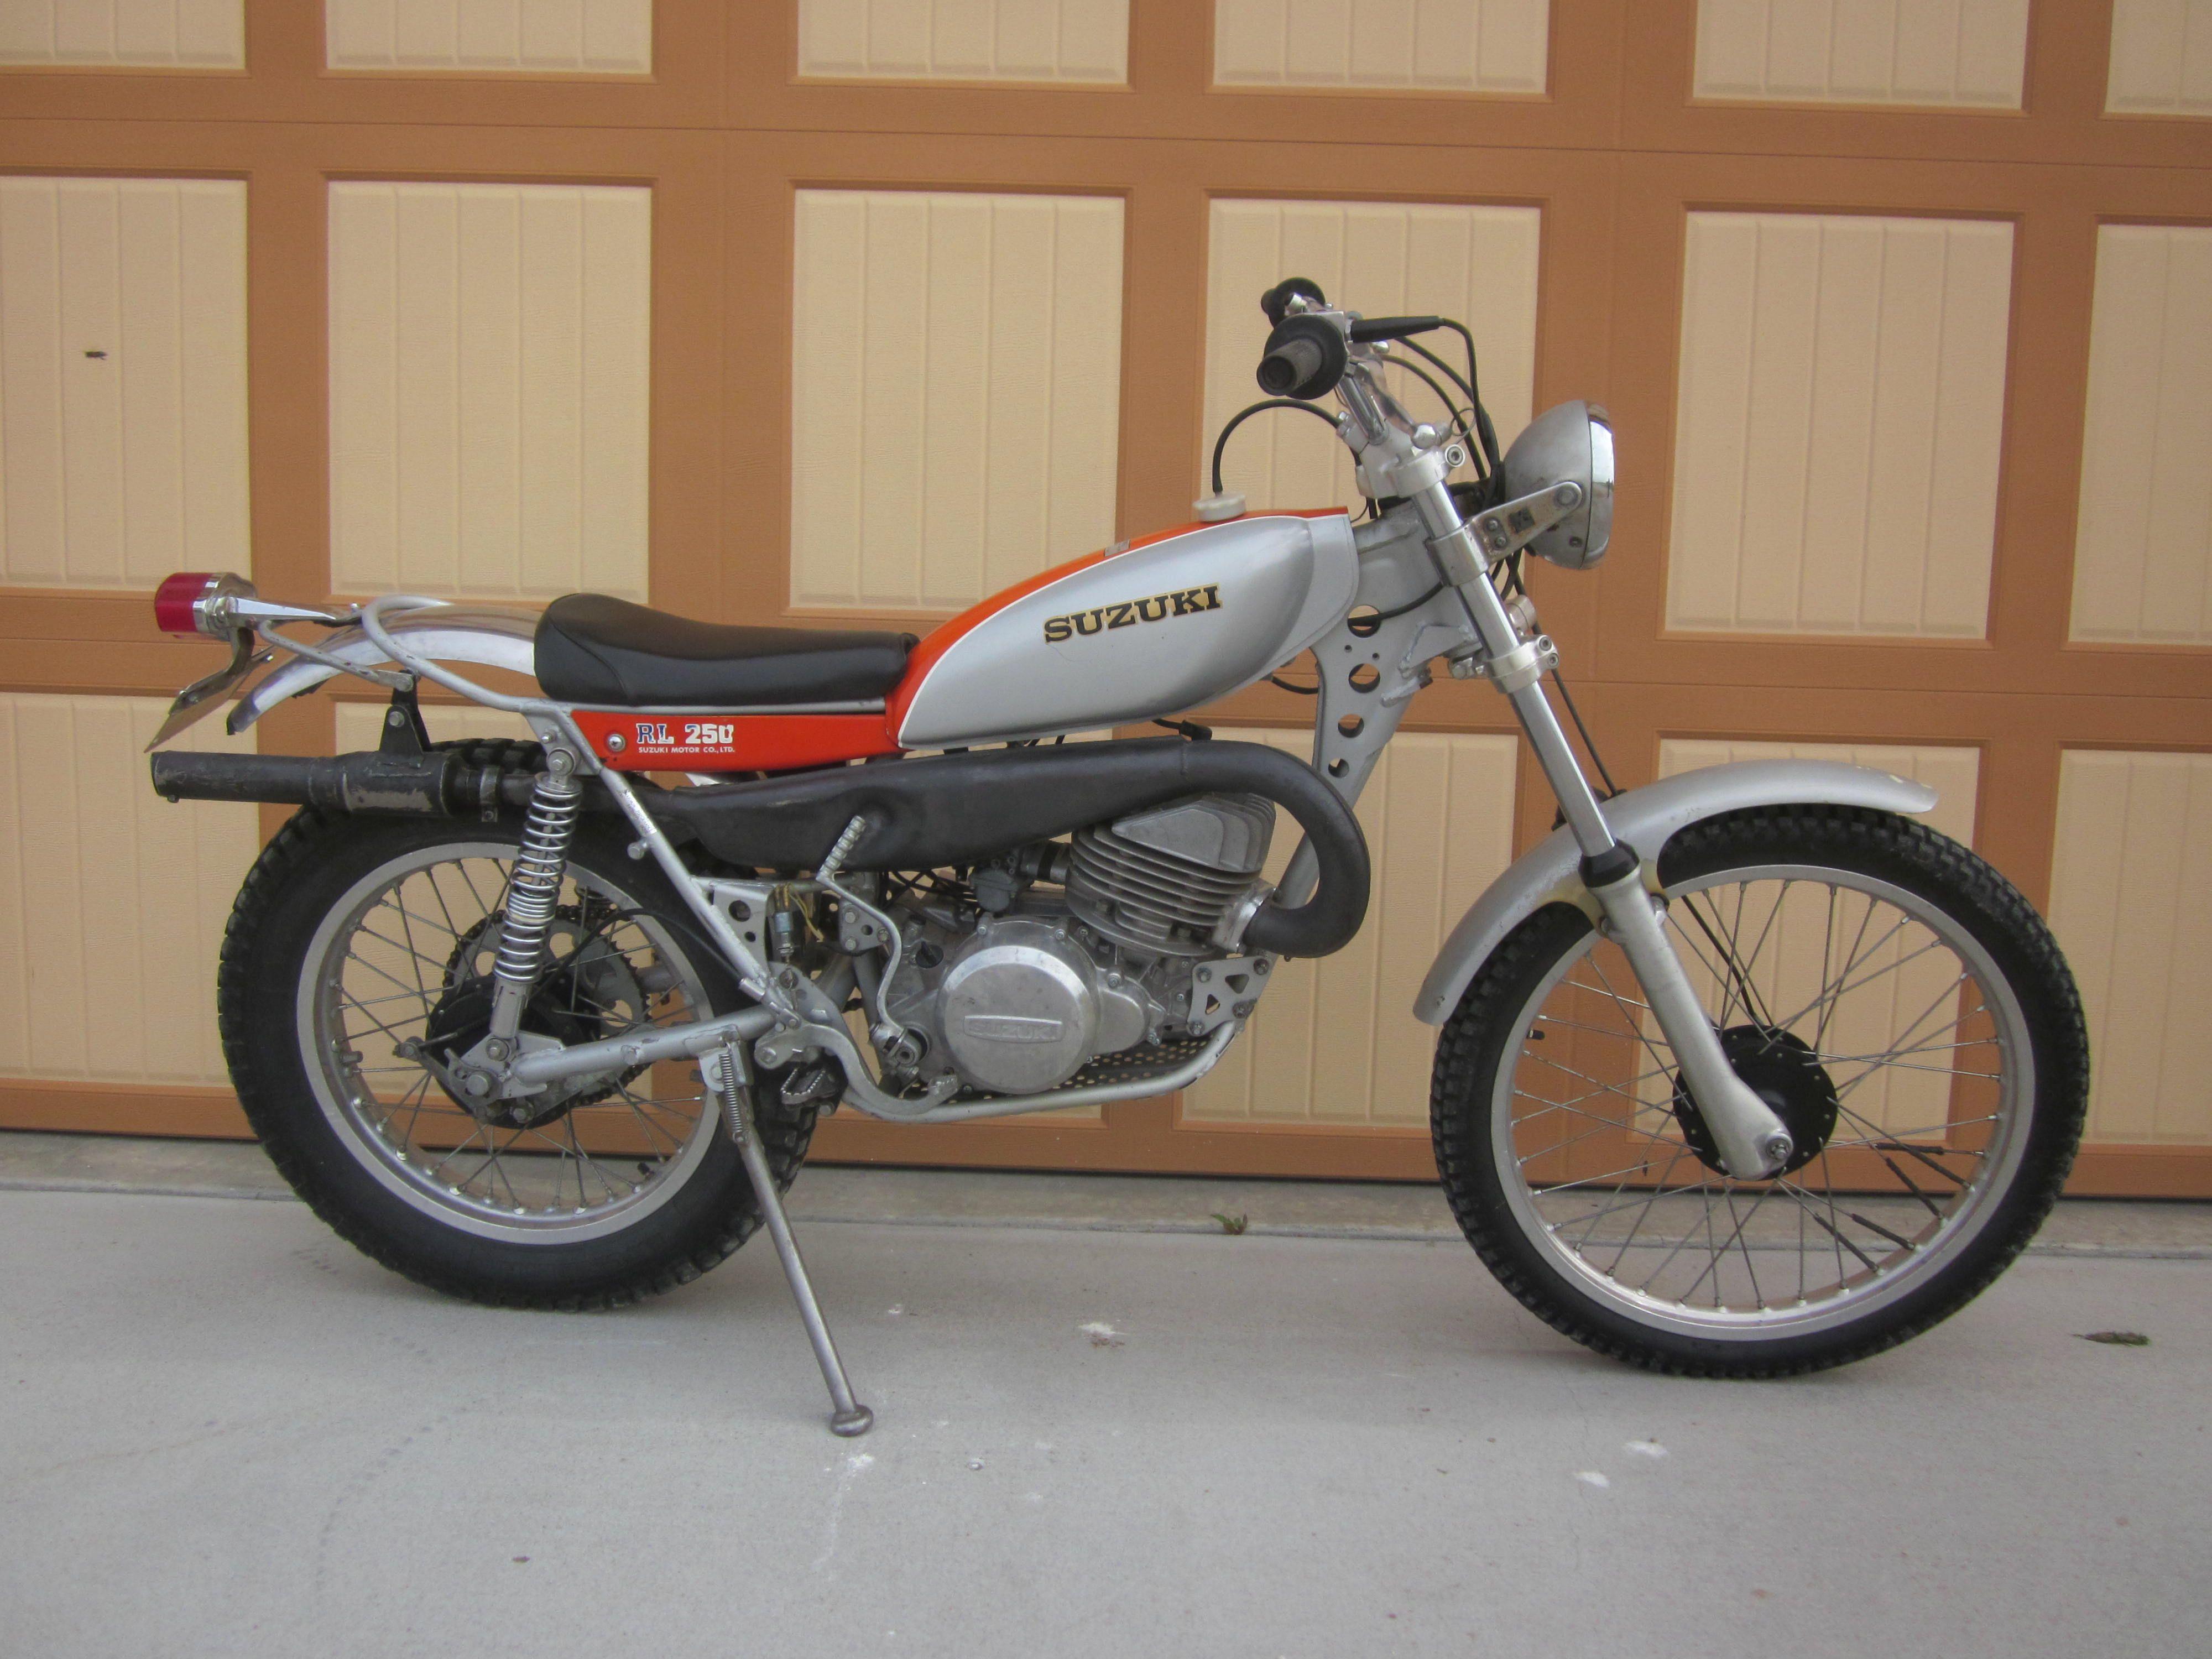 Suzuki RL 250